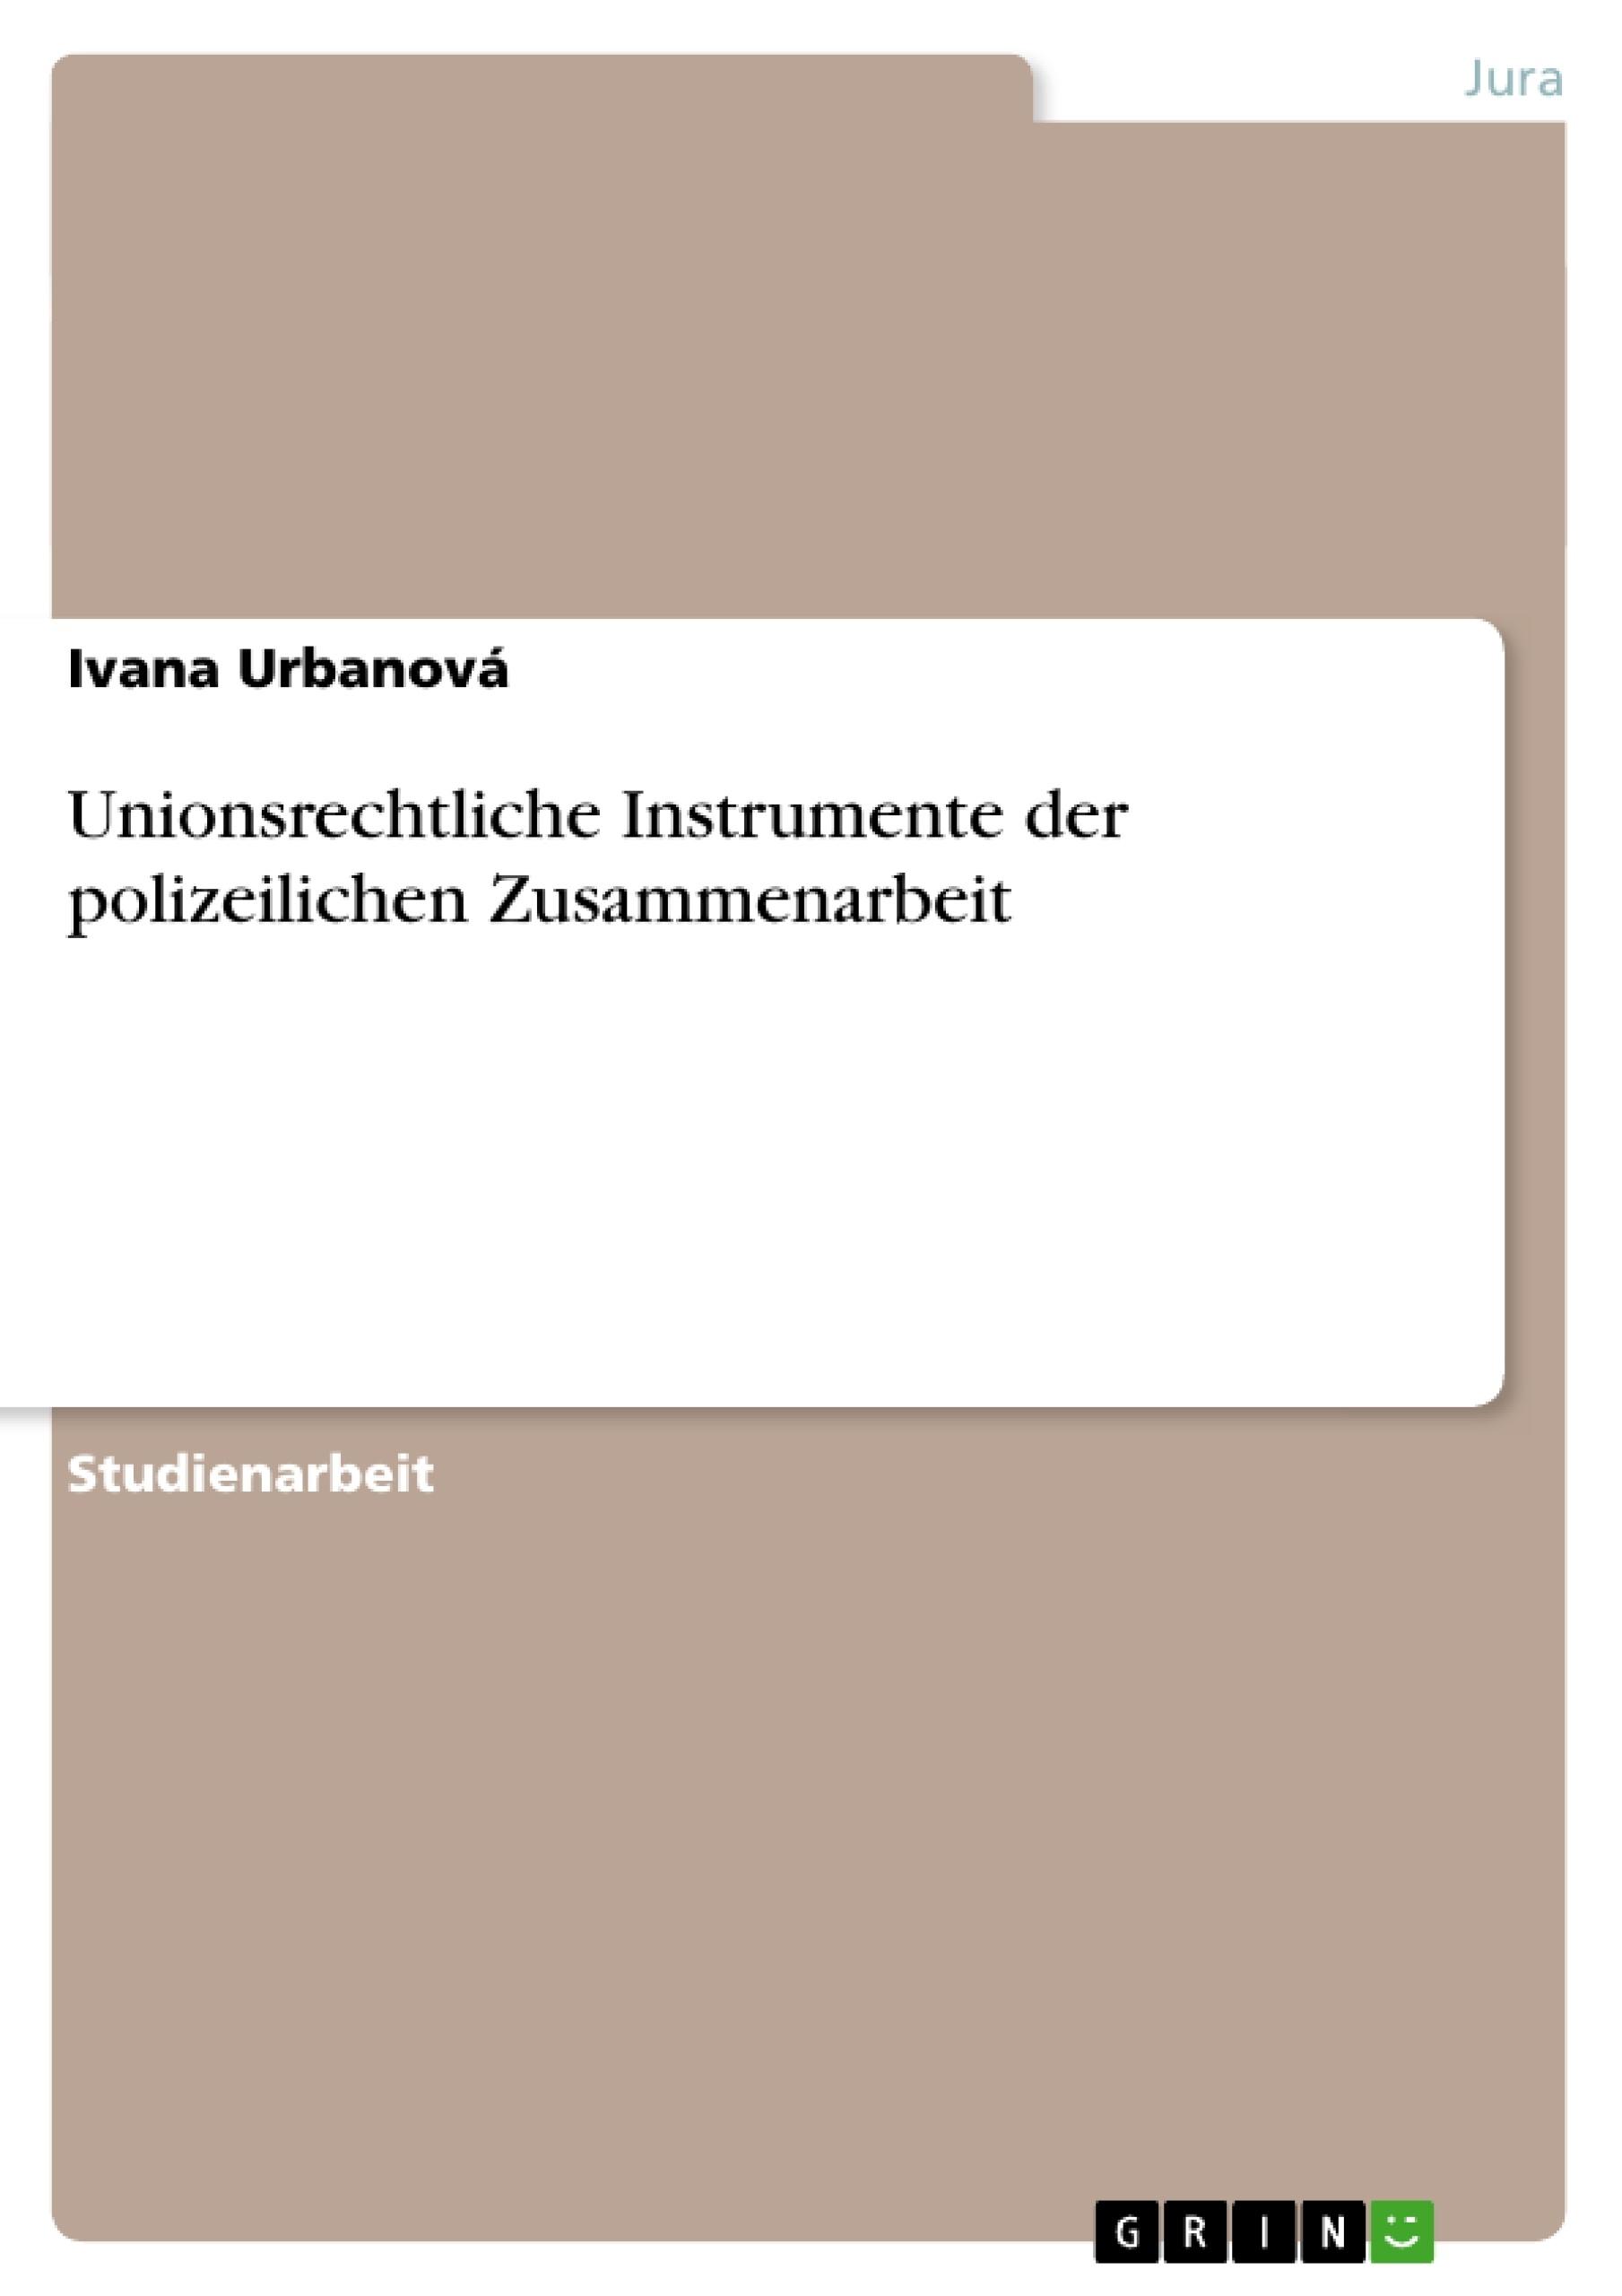 Titel: Unionsrechtliche Instrumente der polizeilichen Zusammenarbeit